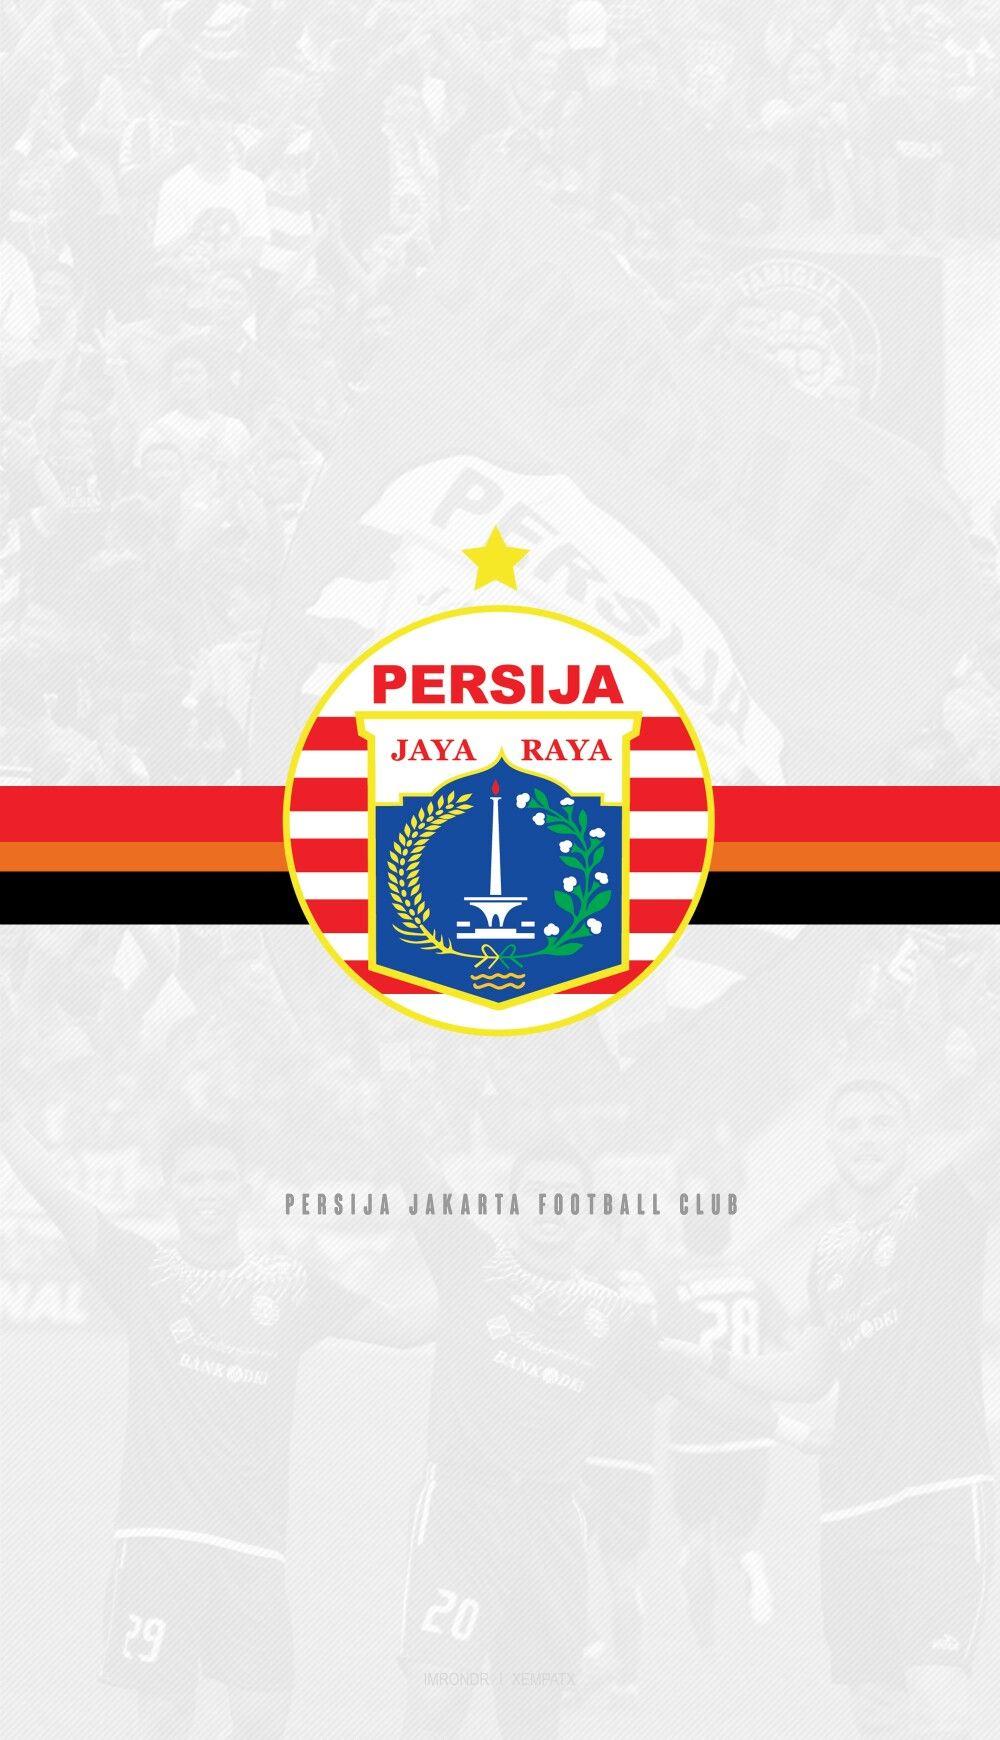 Persija Jakarta Football Club Dengan Gambar